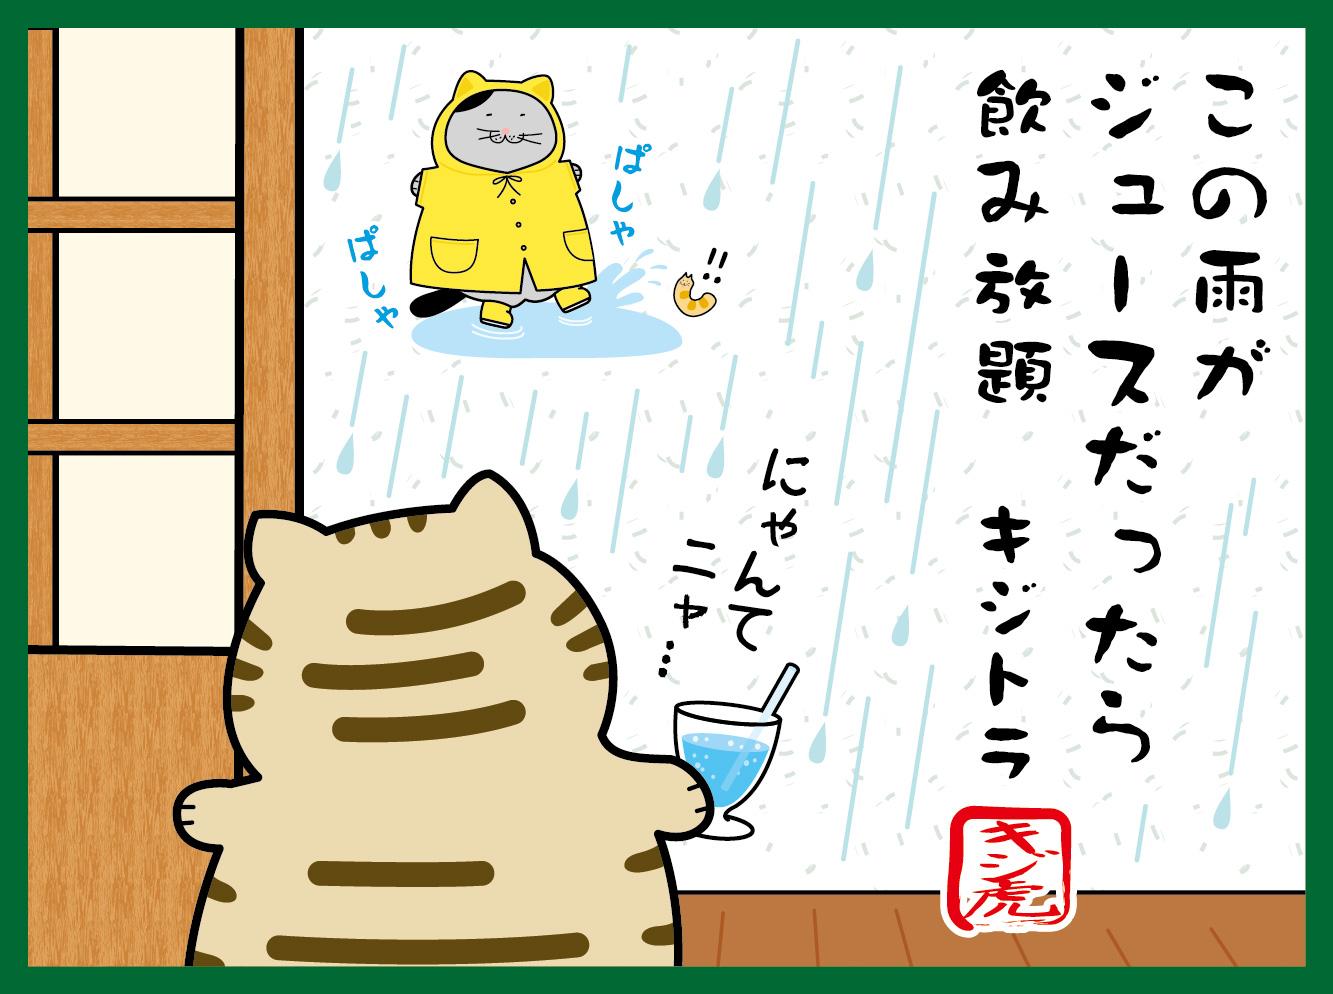 この雨が ジュースだったら 飲み放題